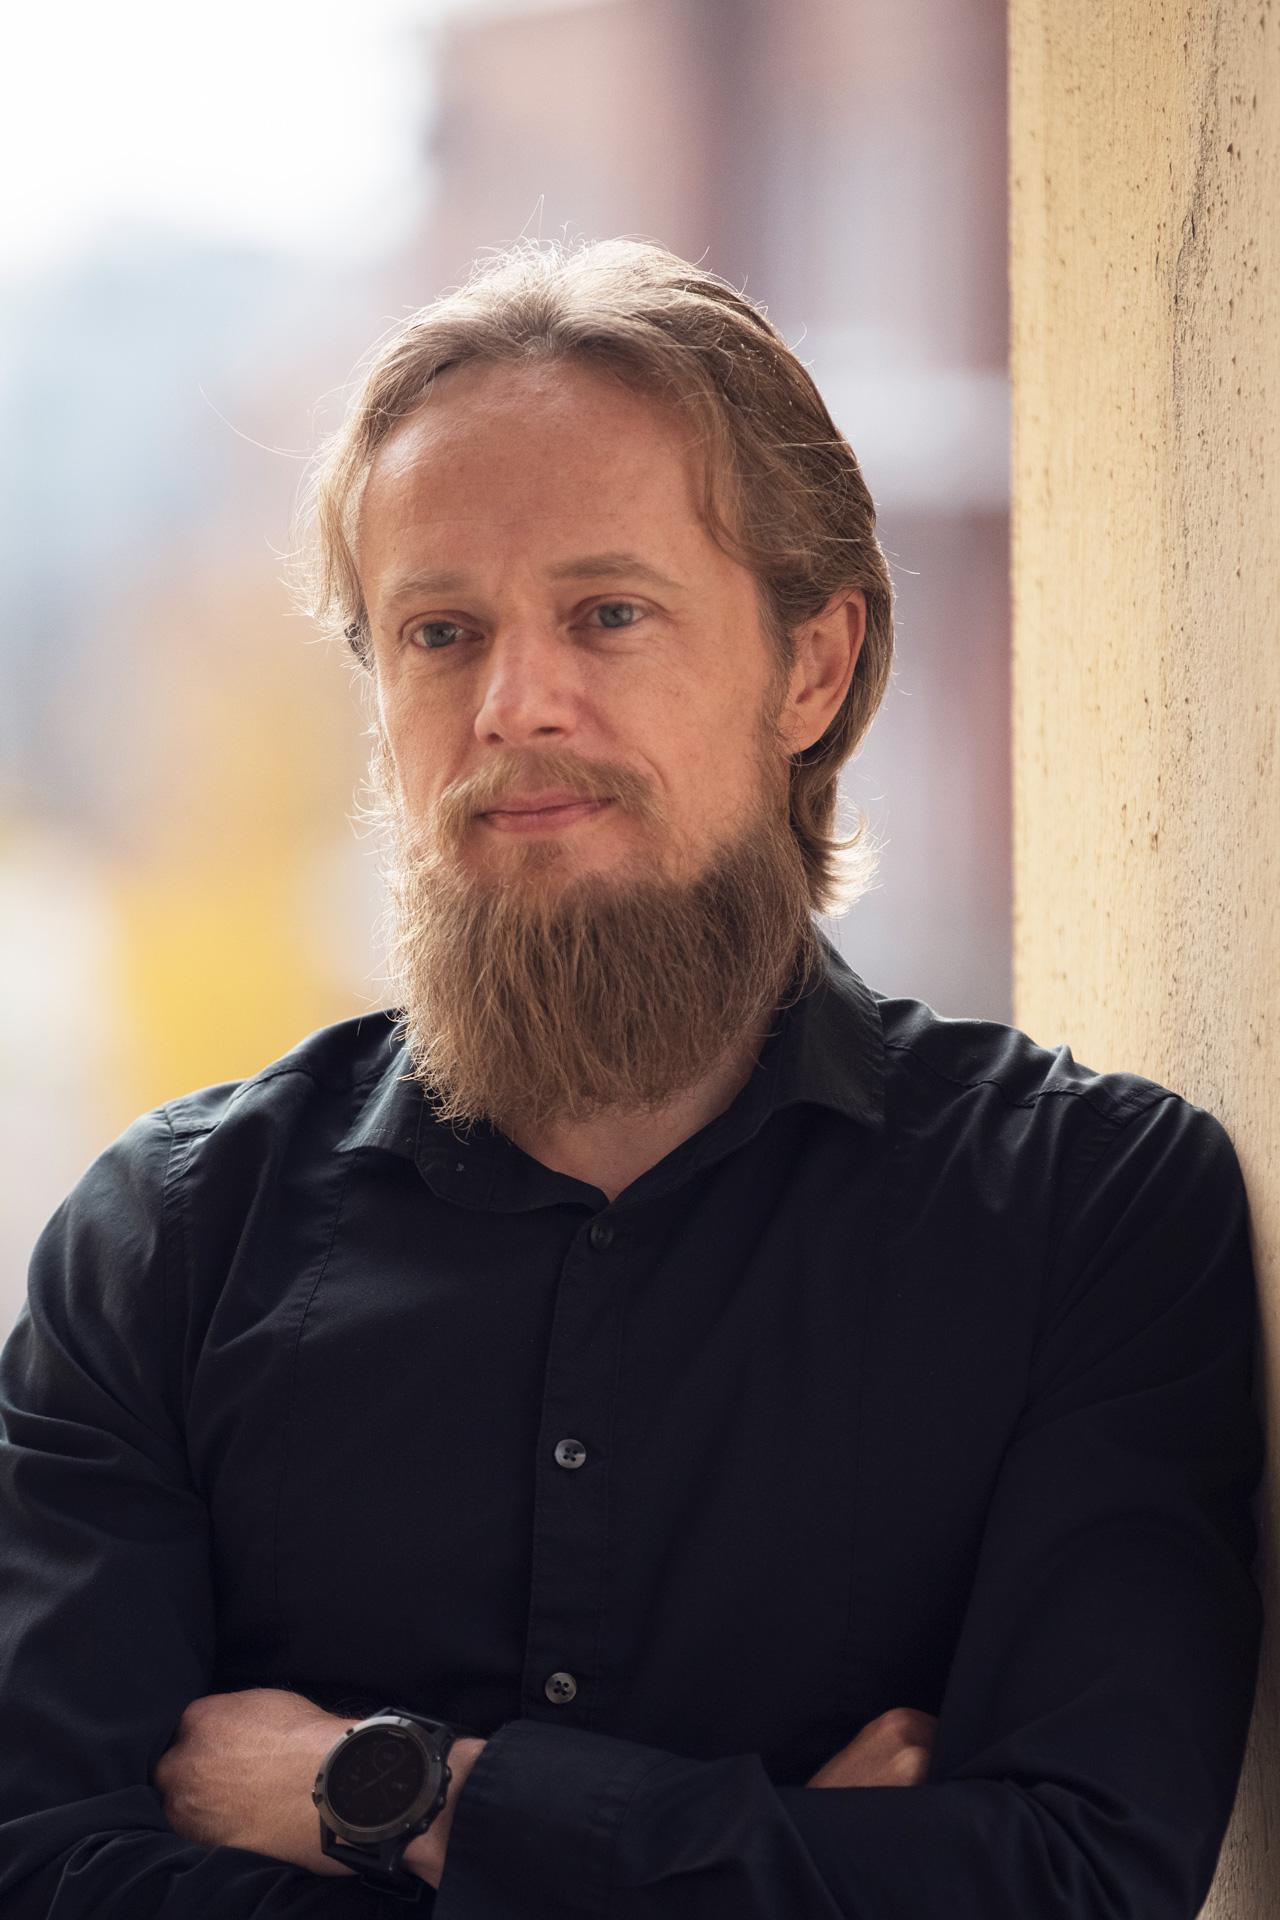 Mikko Karhu